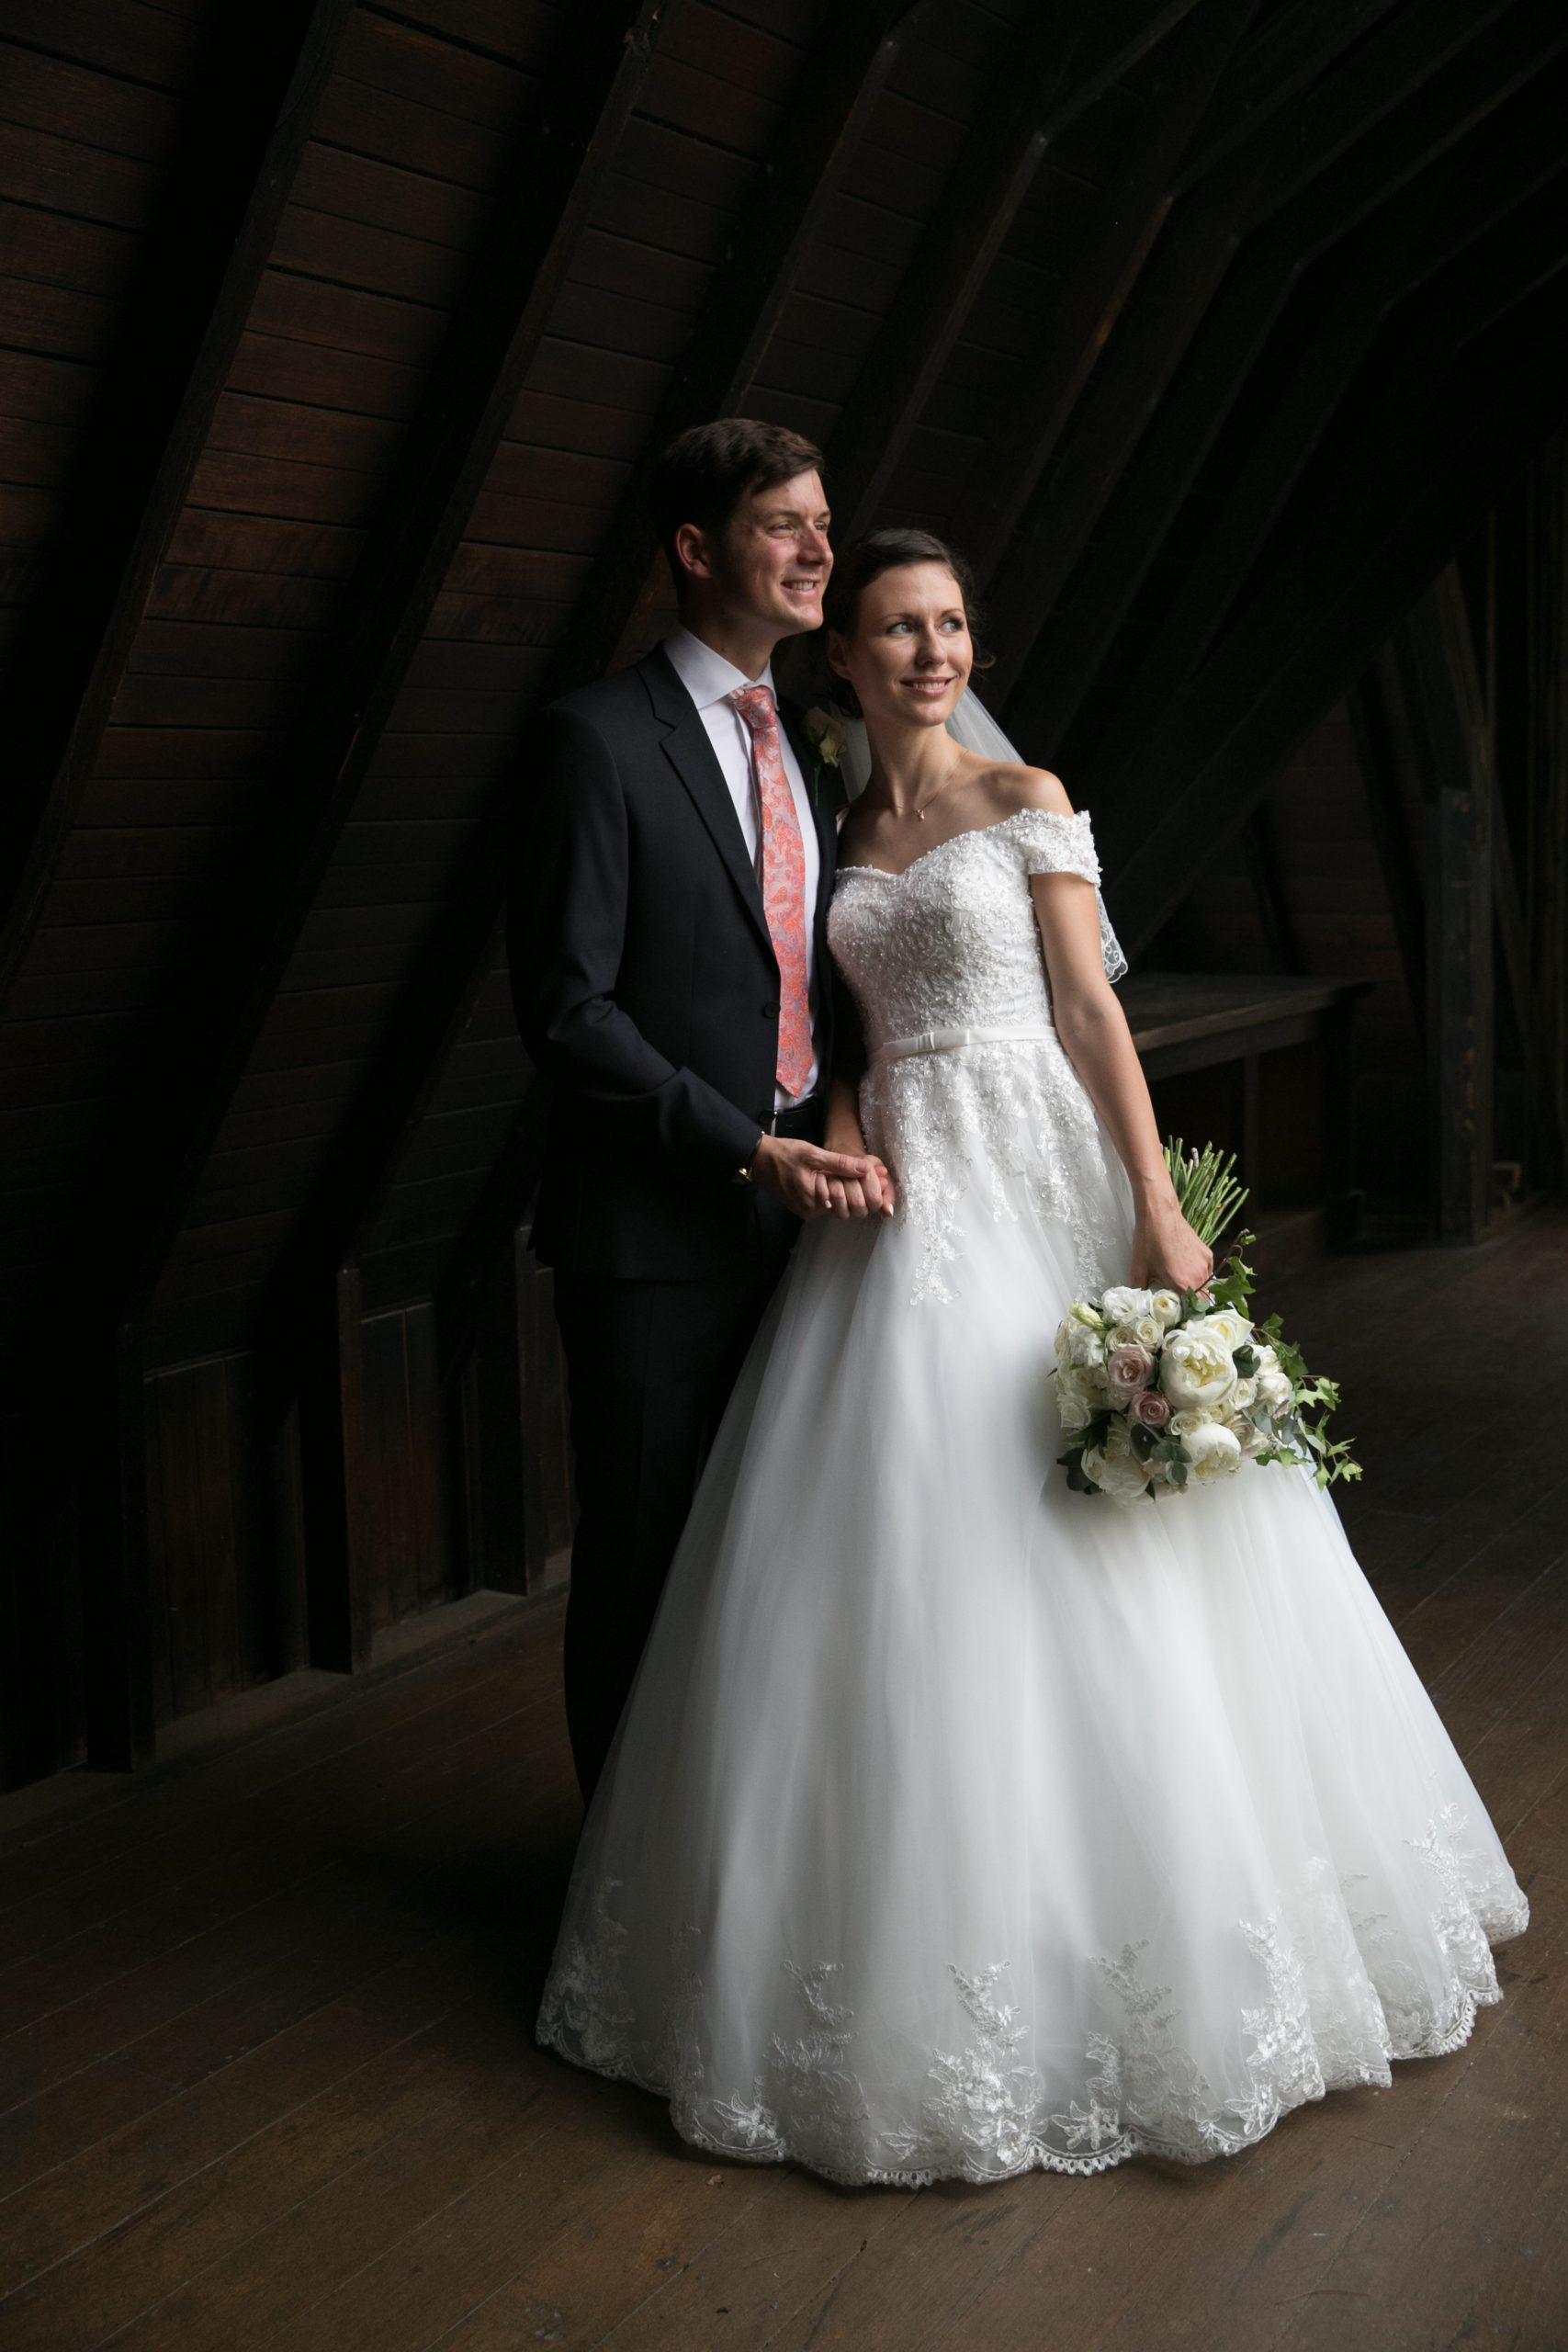 Double success for Gates Cambridge couple